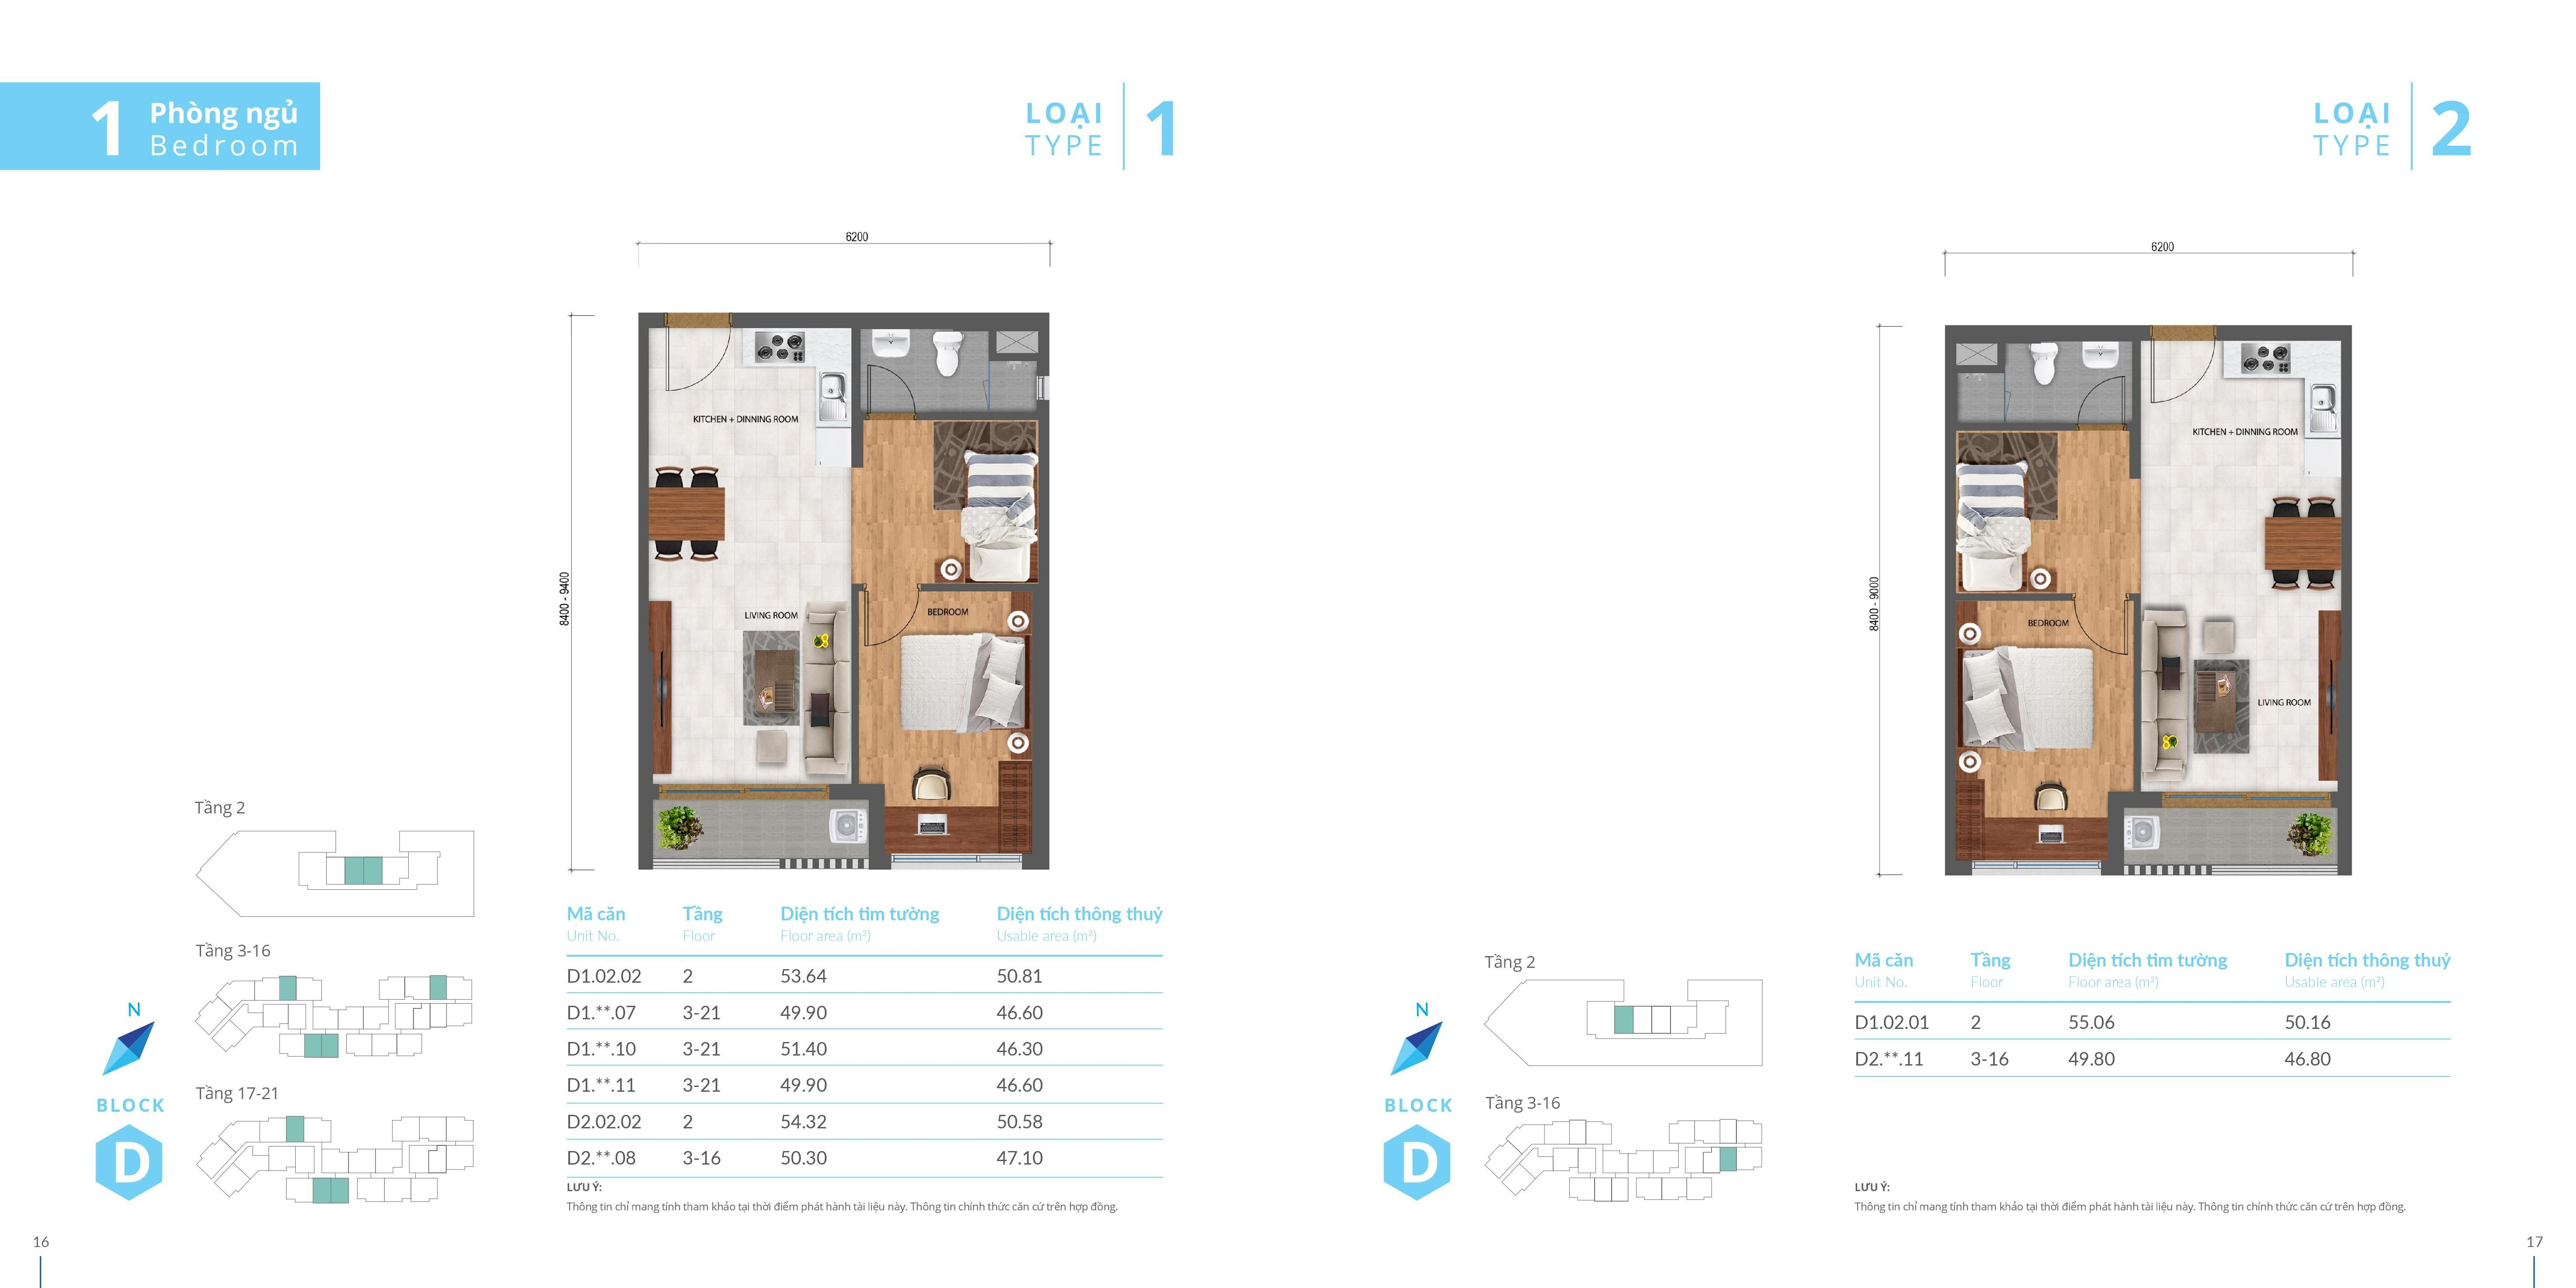 thiết kế căn hộ safira 1 phòng ngủ